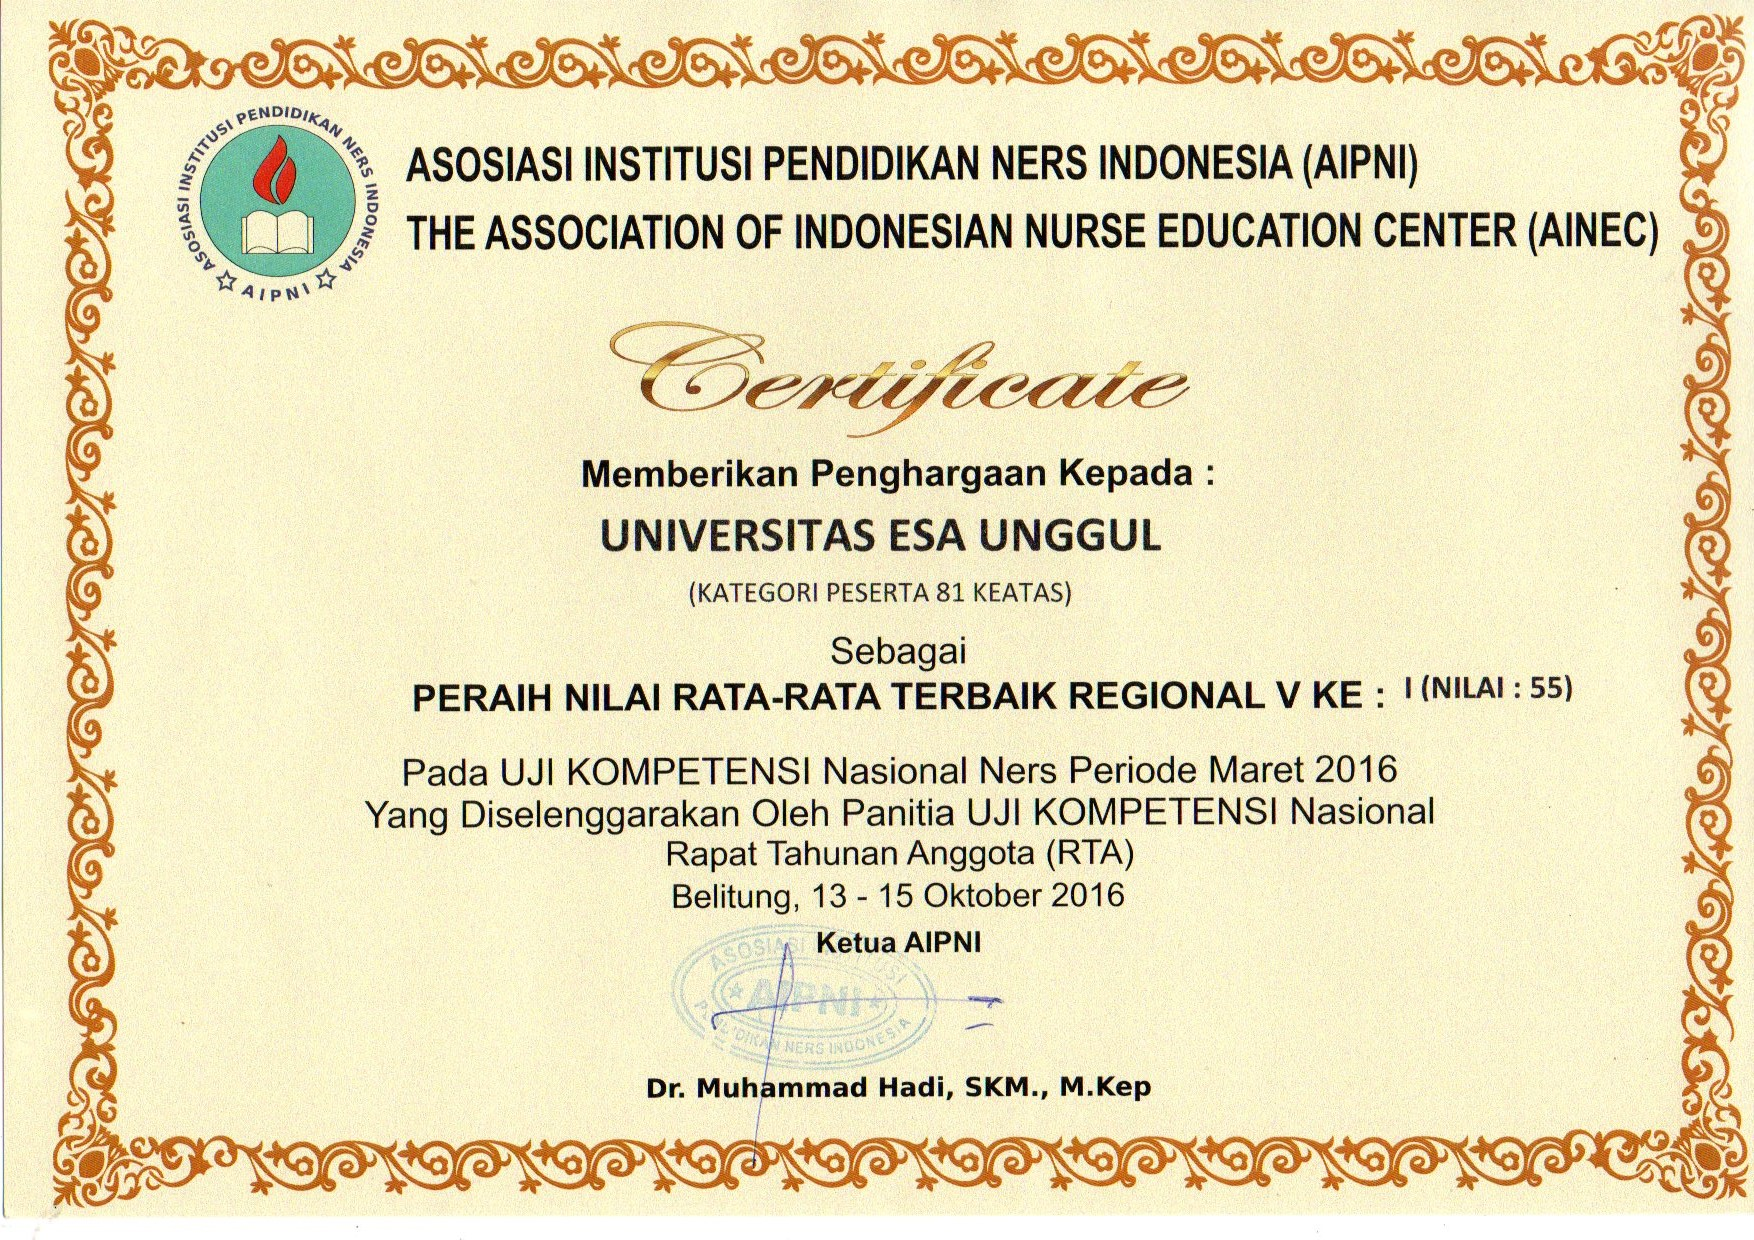 Peraih Nilai Rata-Rata Terbaik Pertama dan Peraih Nilai Terbaik Ketiga dalam Uji Kompetensi Nasional Ners Periode Maret 2016